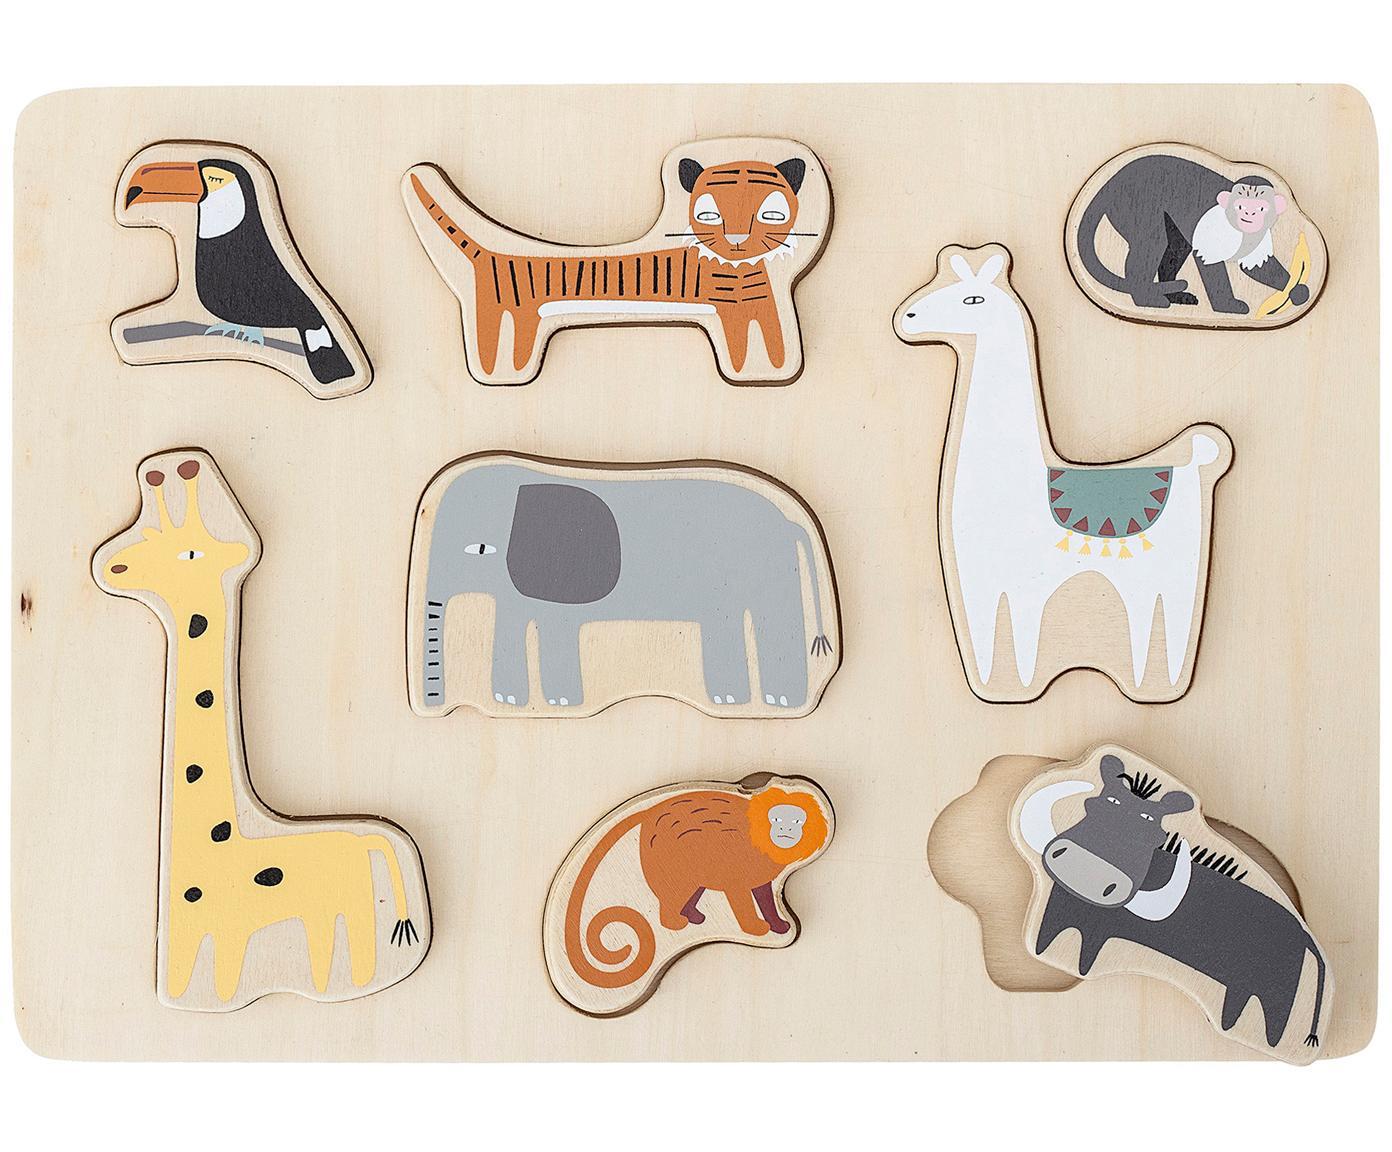 Puzzle de madera Farm, Madera contrachapada, Multicolor, An 28 x Al 2 cm